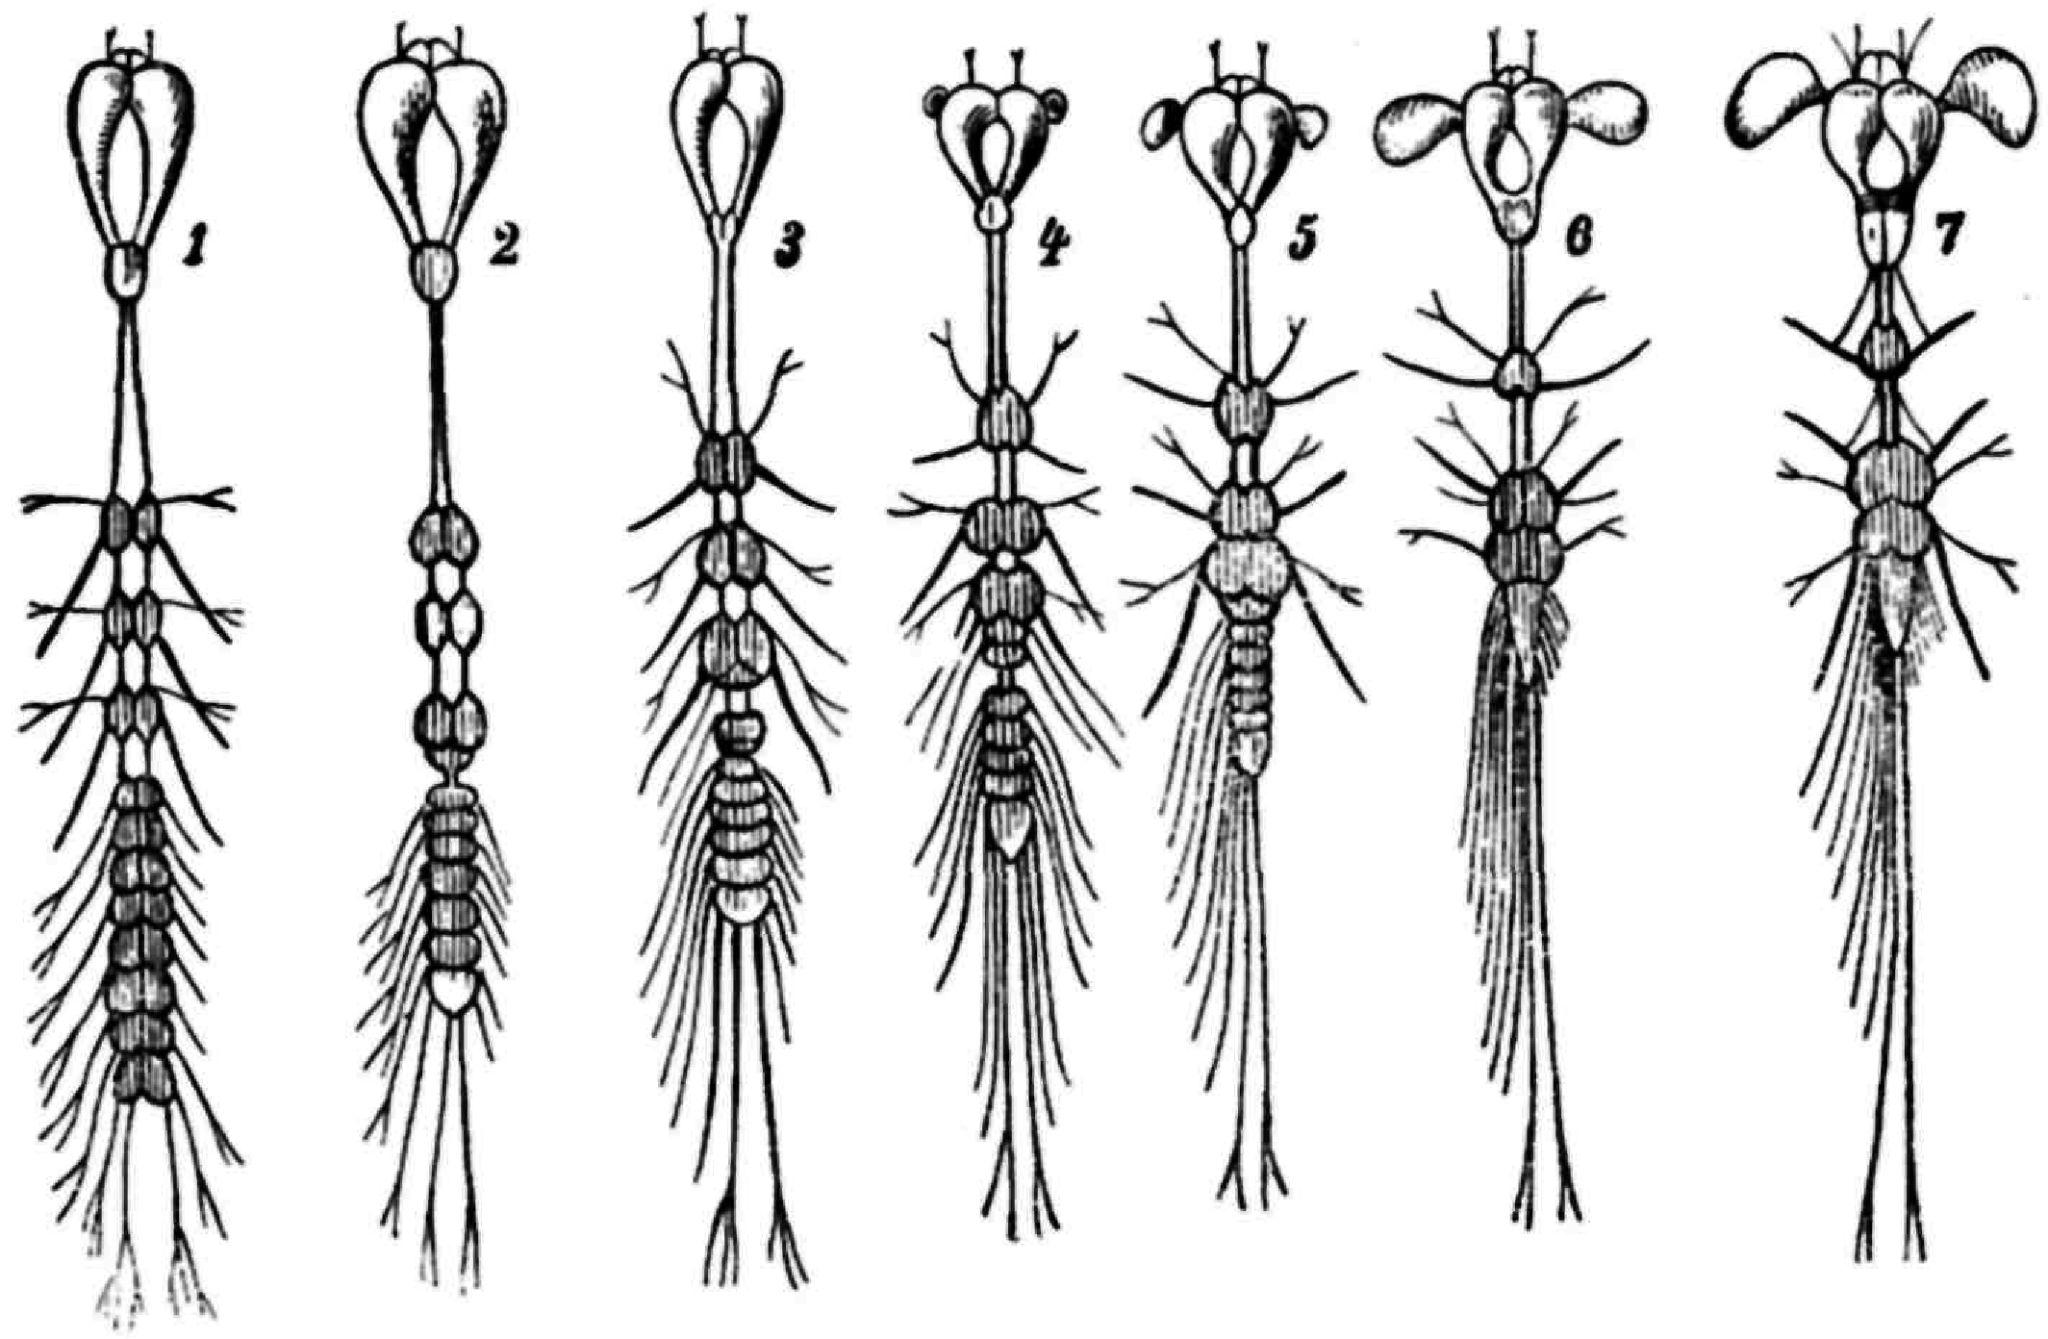 Fg. 17. Entwickelung des Nervensystems in der Larve (Fg. 1-6) des ...